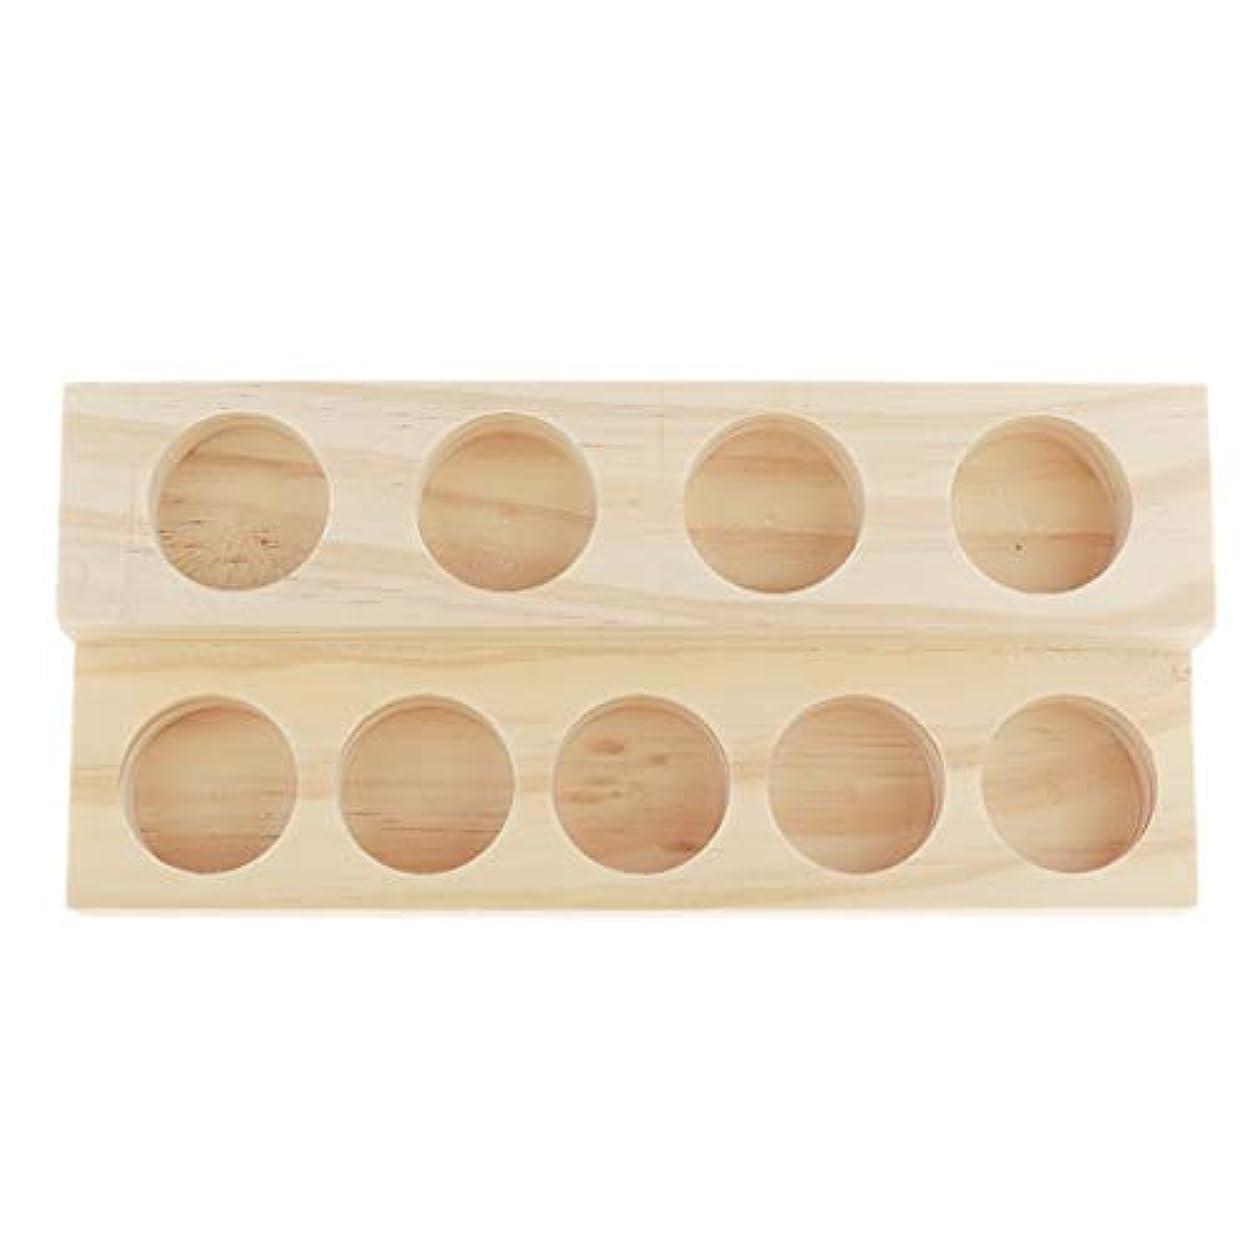 かどうか持ってる受け入れるエッセンシャルオイル 香水 精油 ディスプレイ ホルダー 陳列 コレクション 木製